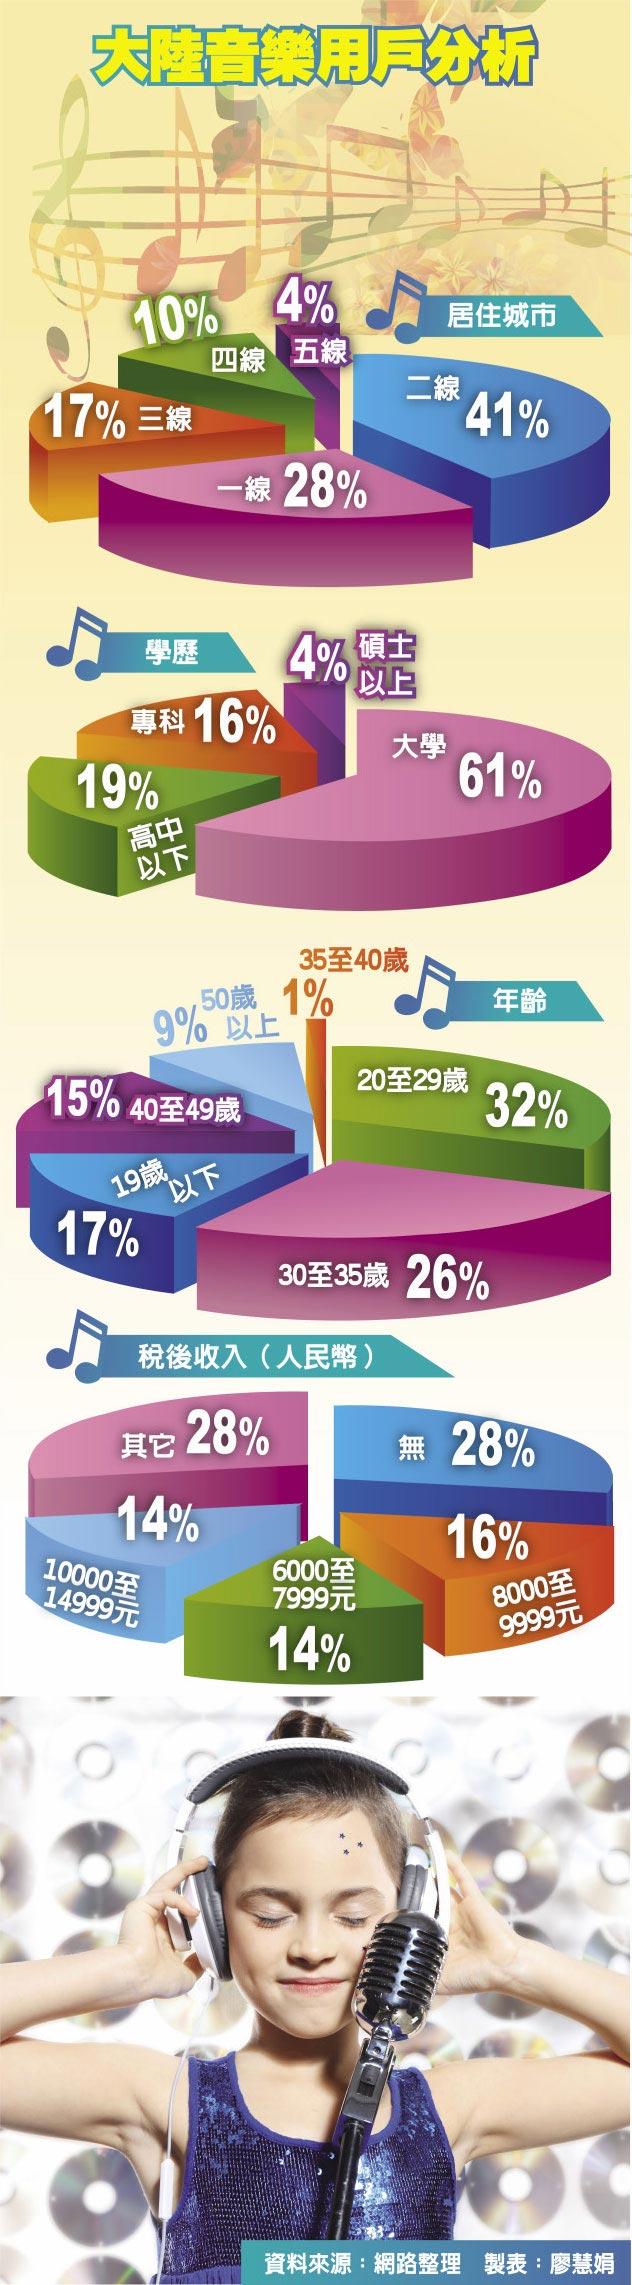 大陸音樂用戶分析